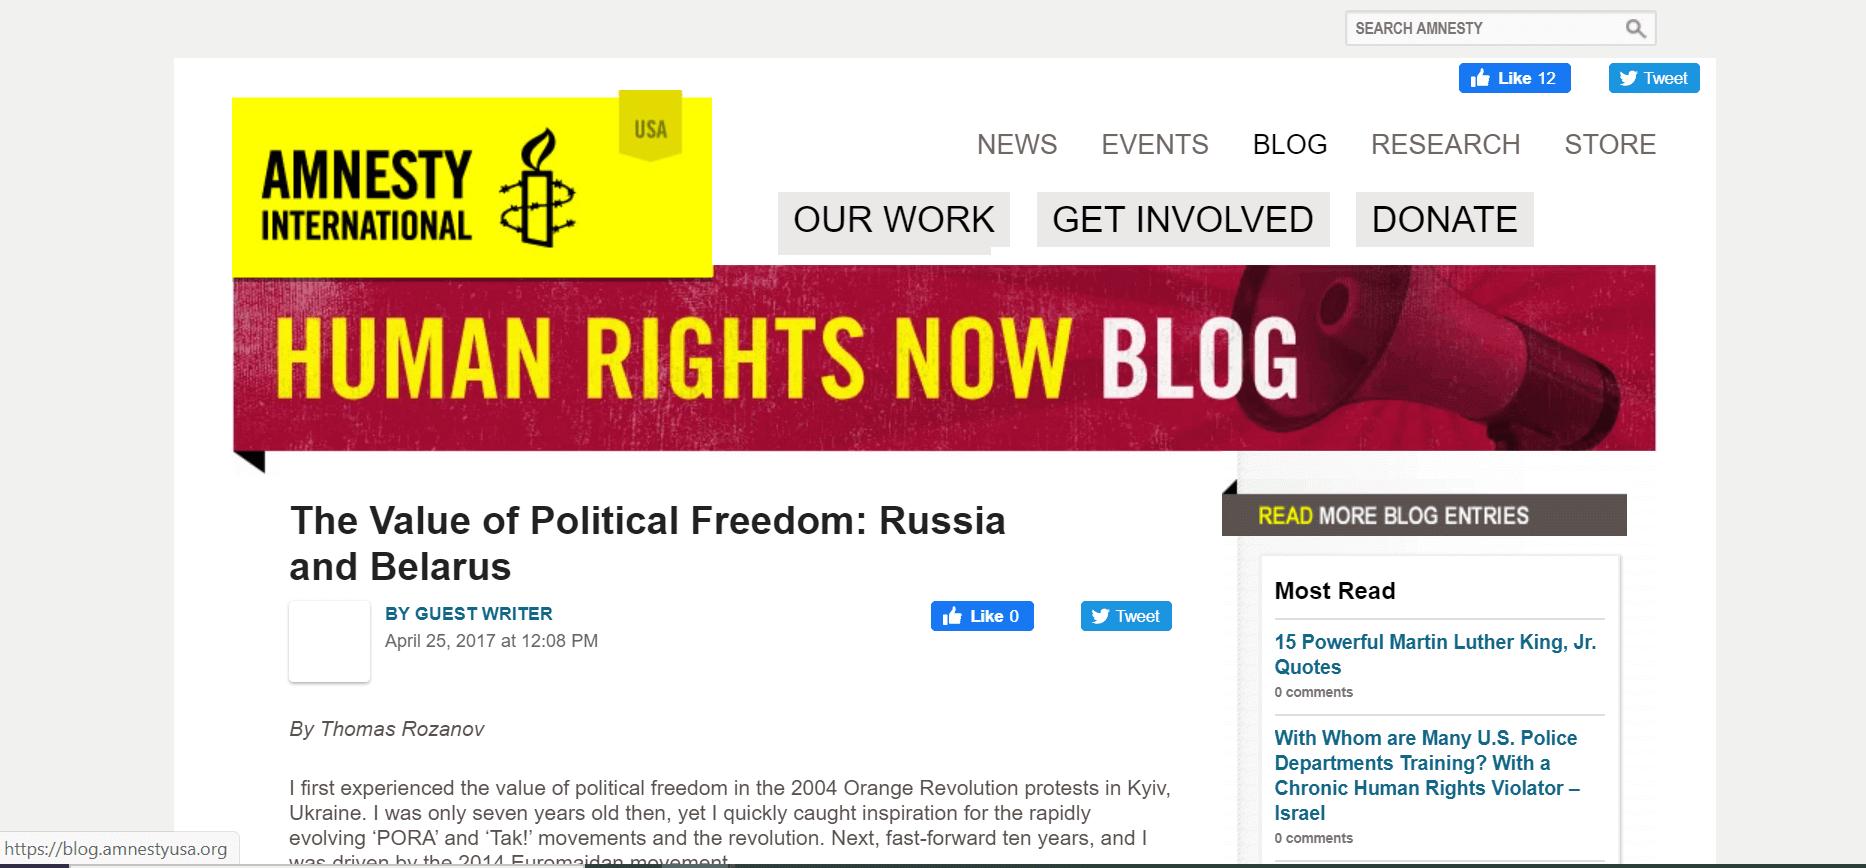 Blog_Article_Images-nonprofit-blogs-amnesty